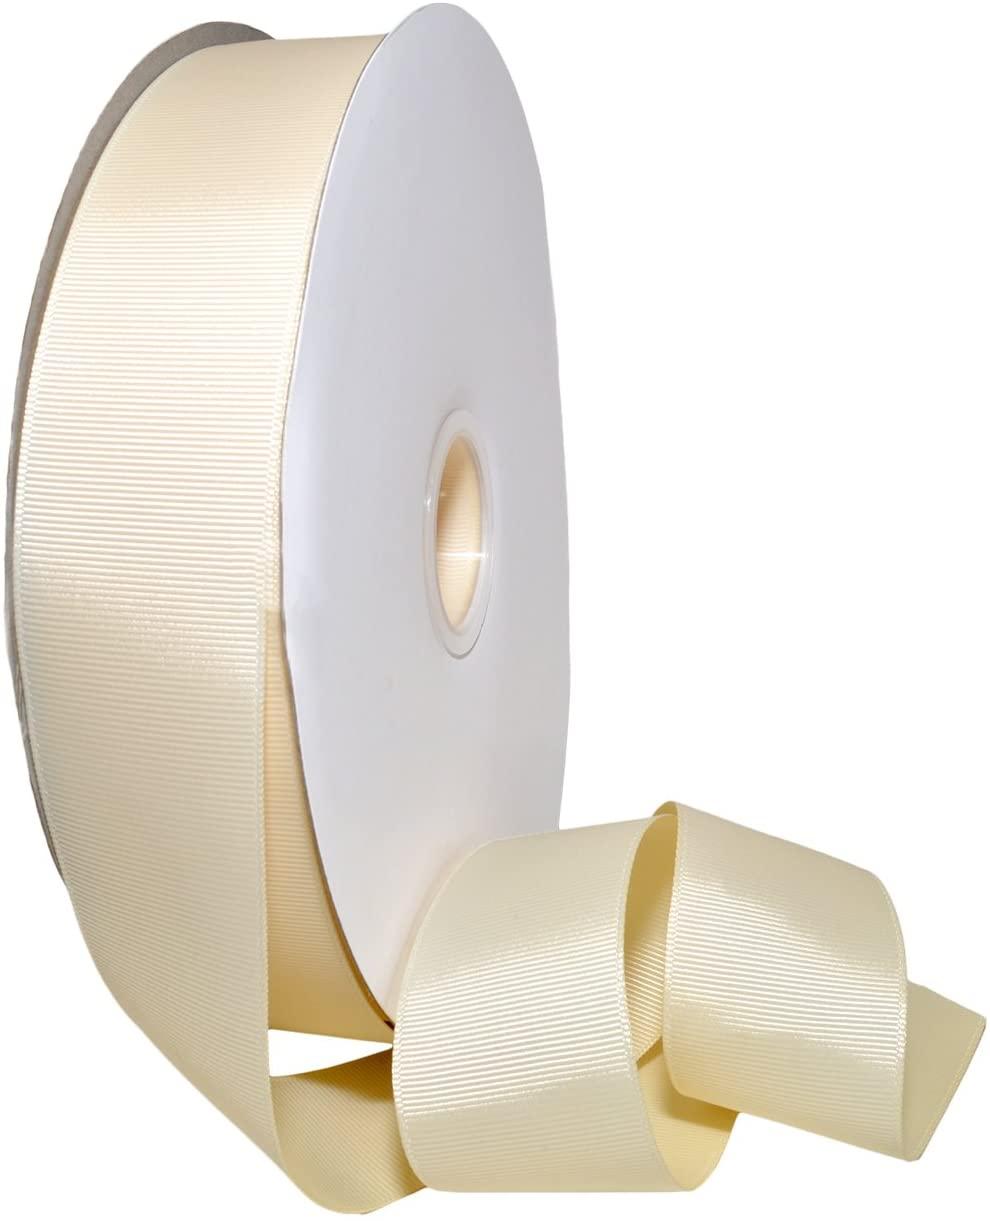 Morex Ribbon Polyester Grosgrain Ribbon, 1.5